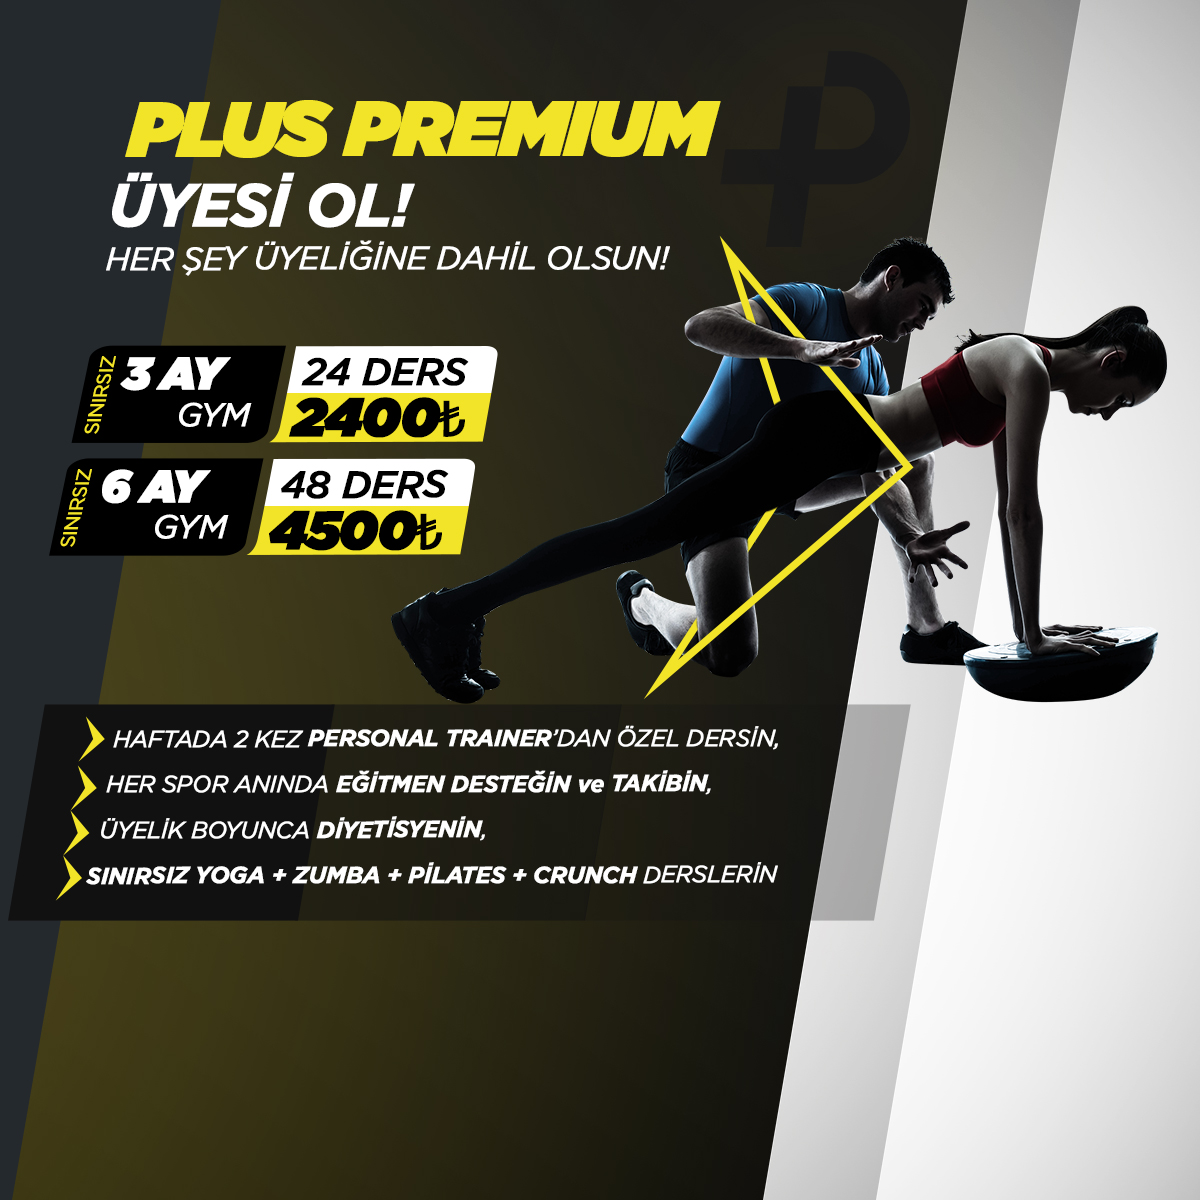 Plus Premium